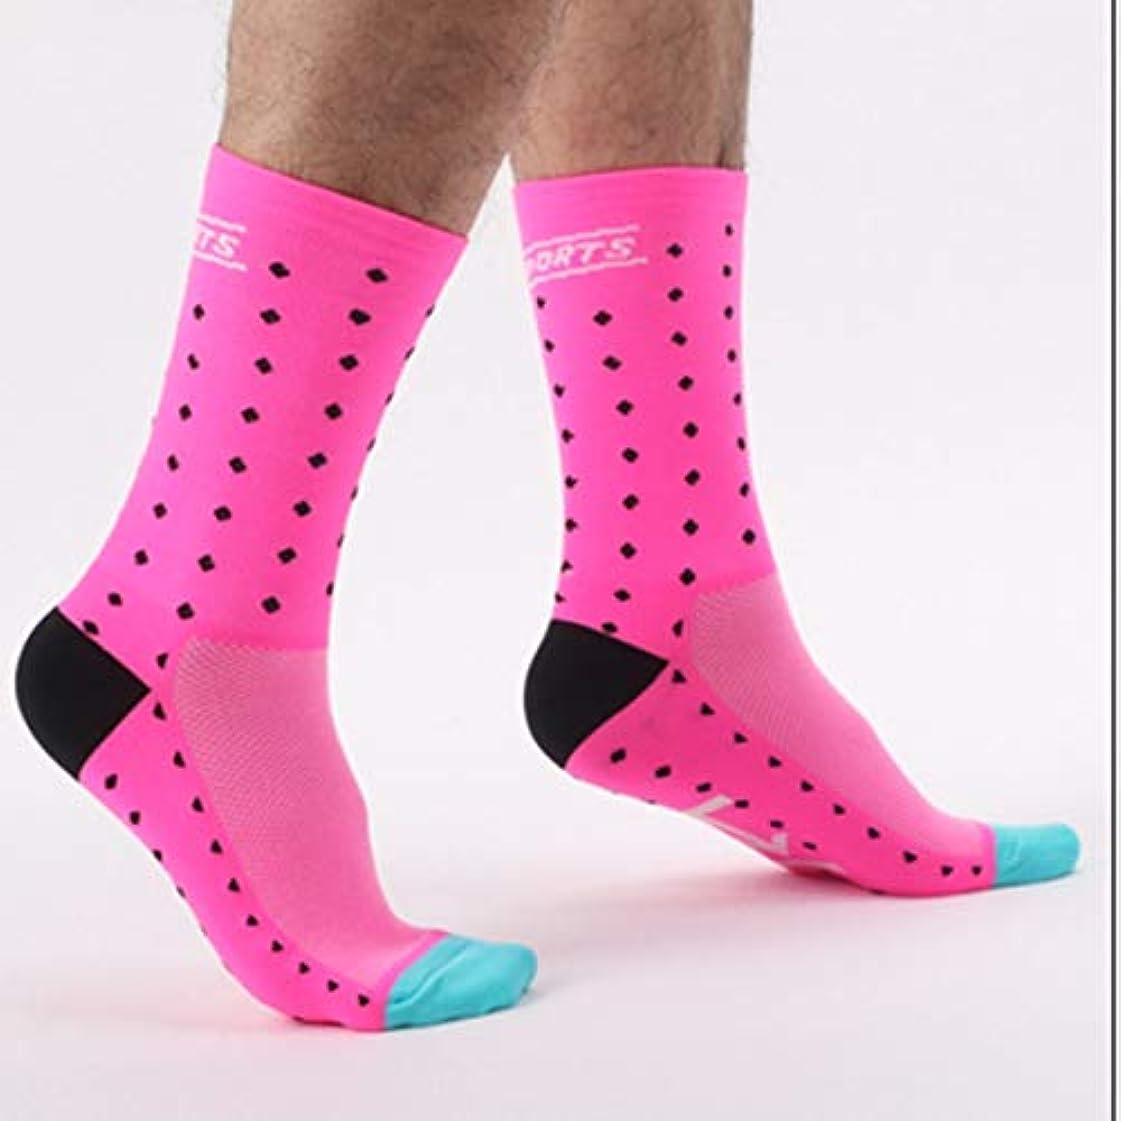 ごみグレード謙虚なDH04快適なファッショナブルな屋外サイクリングソックス男性女性プロの通気性スポーツソックスバスケットボールソックス - ピンク